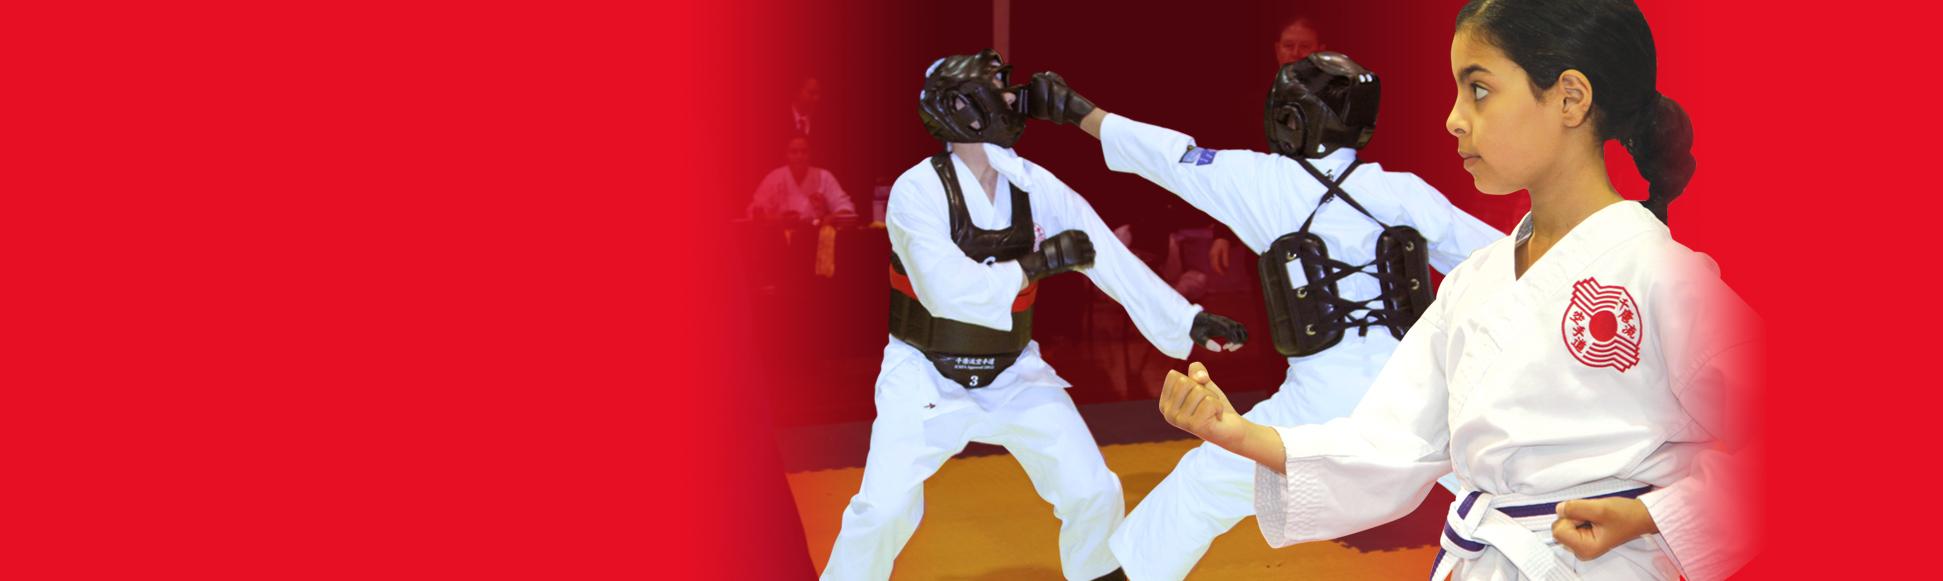 The Karate Institute